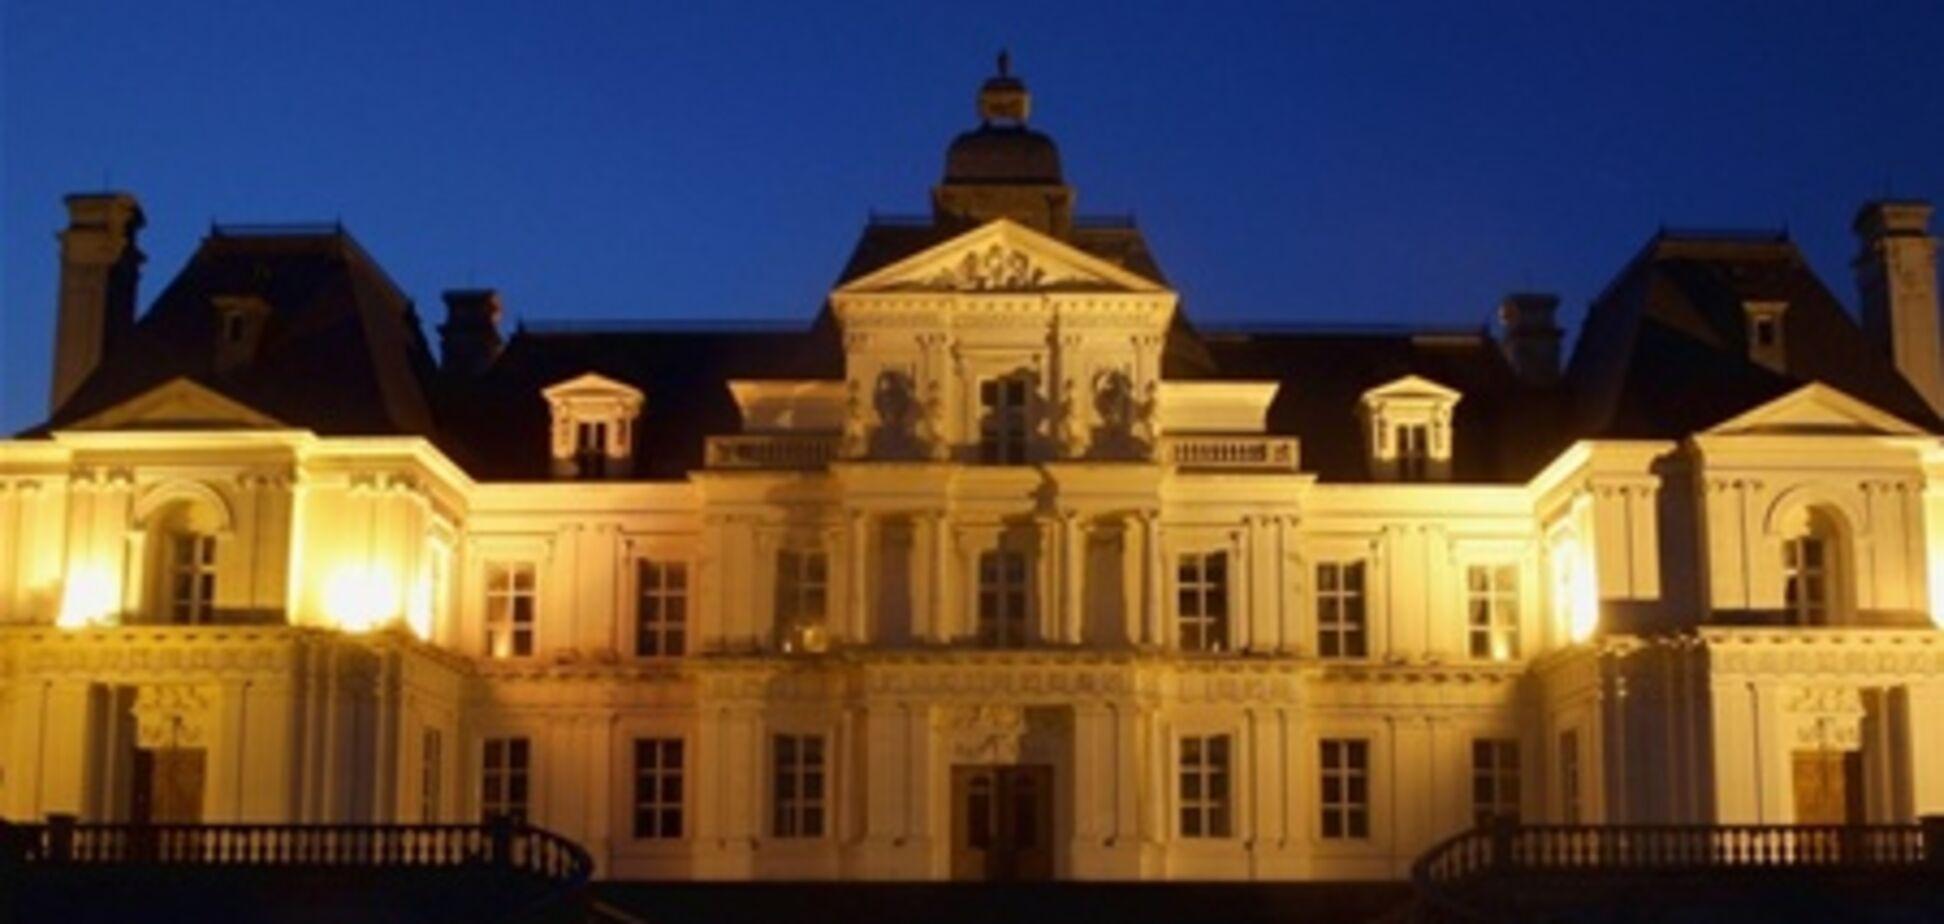 Китаєць побудував точну копію французького замку за $ 50 млн. Фото